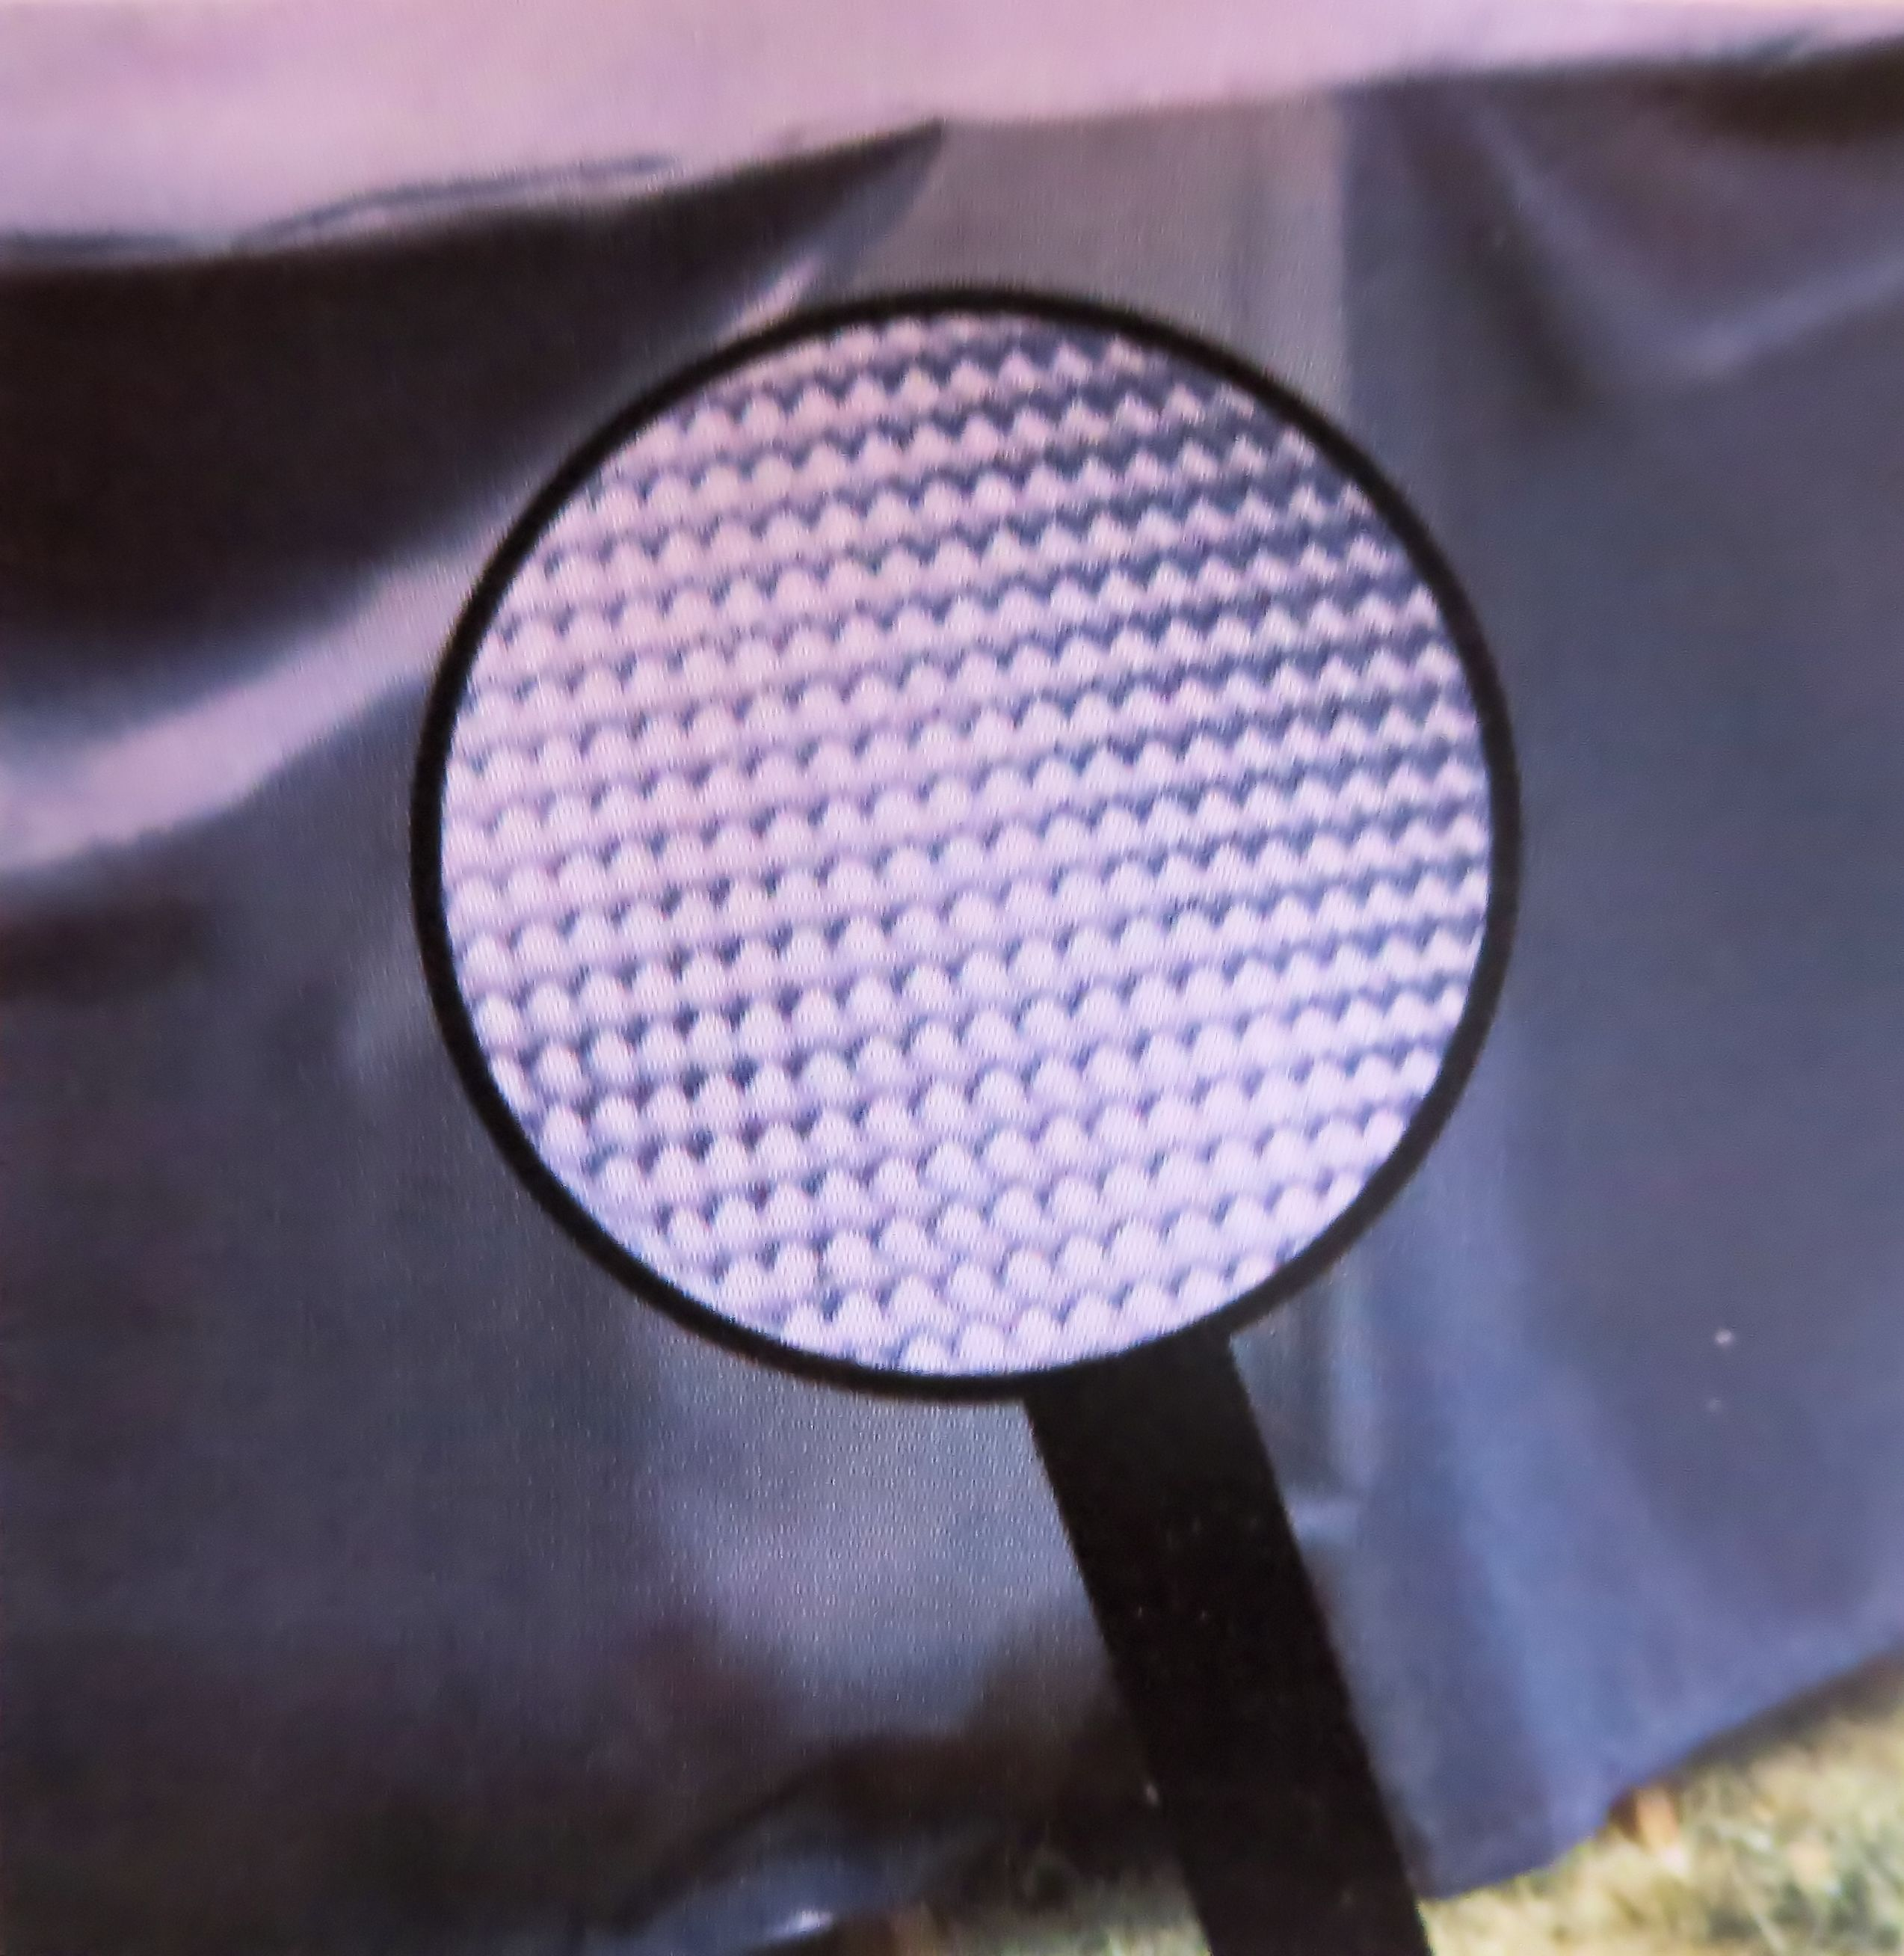 Gartenmobel Edelstahl Reduziert : Schutzhülle für Ampelschirm Gartenmöbel Abdeckung Plane Schutzhaube